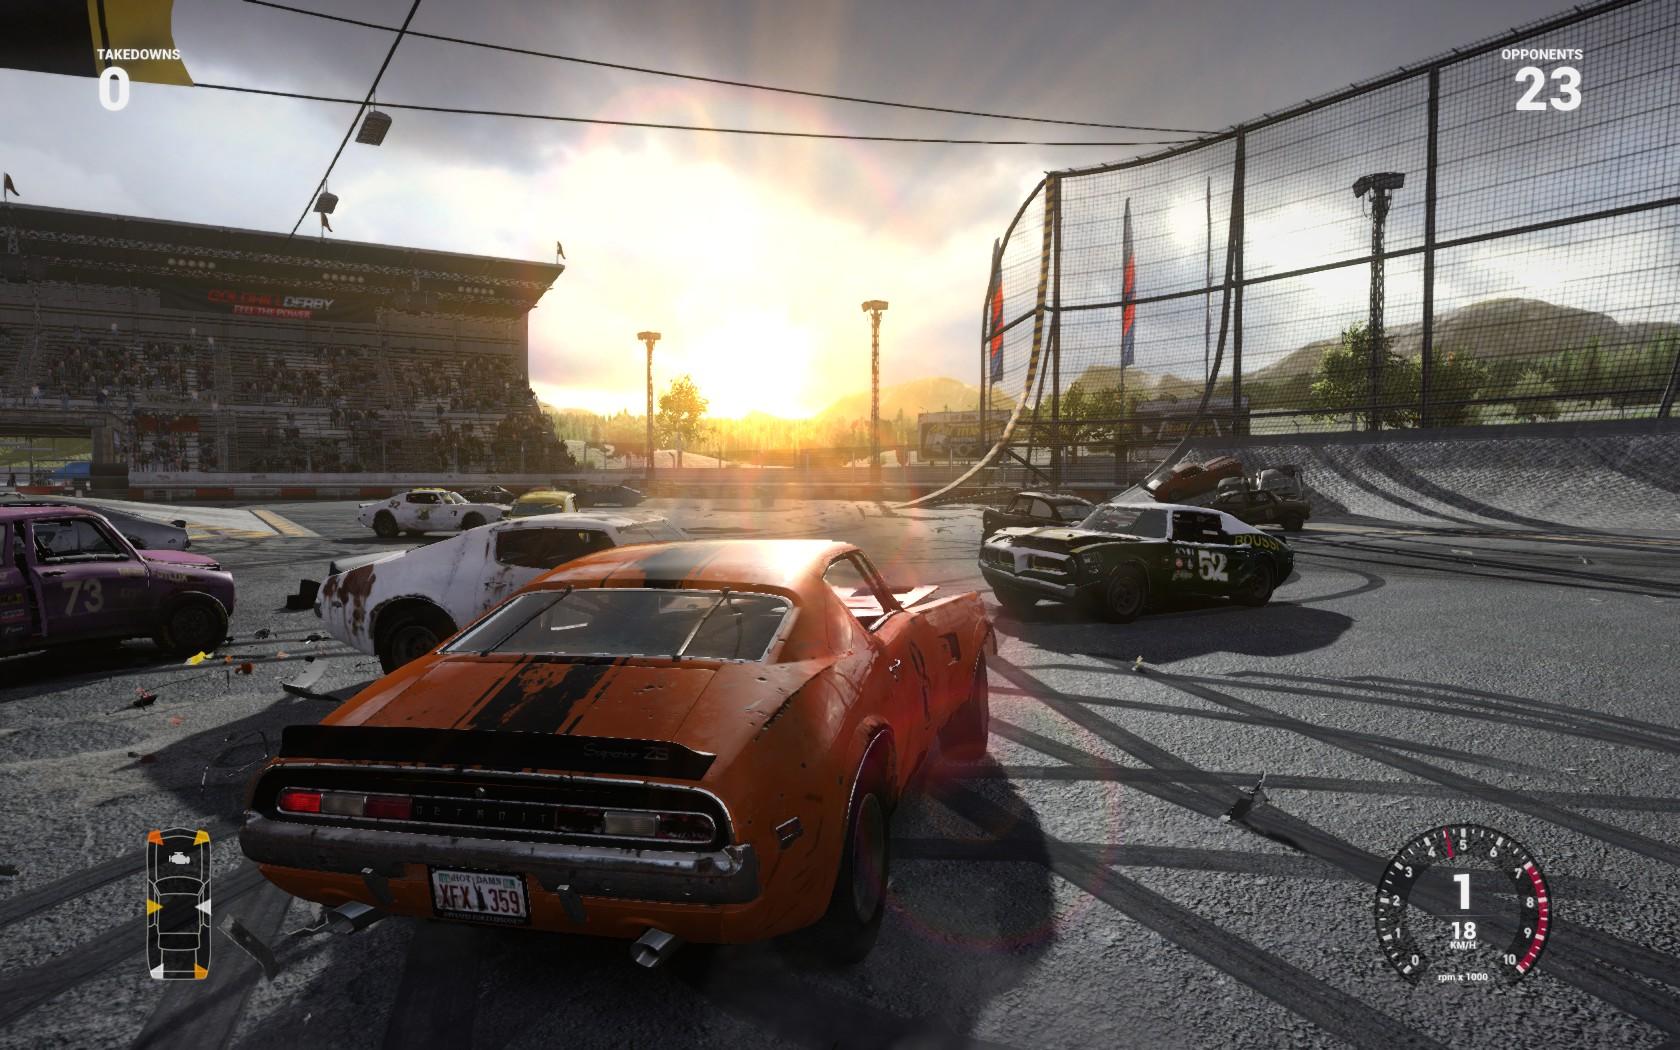 Next Car Game - dojmy z pre-alpha verze nelítostného závodění 91762